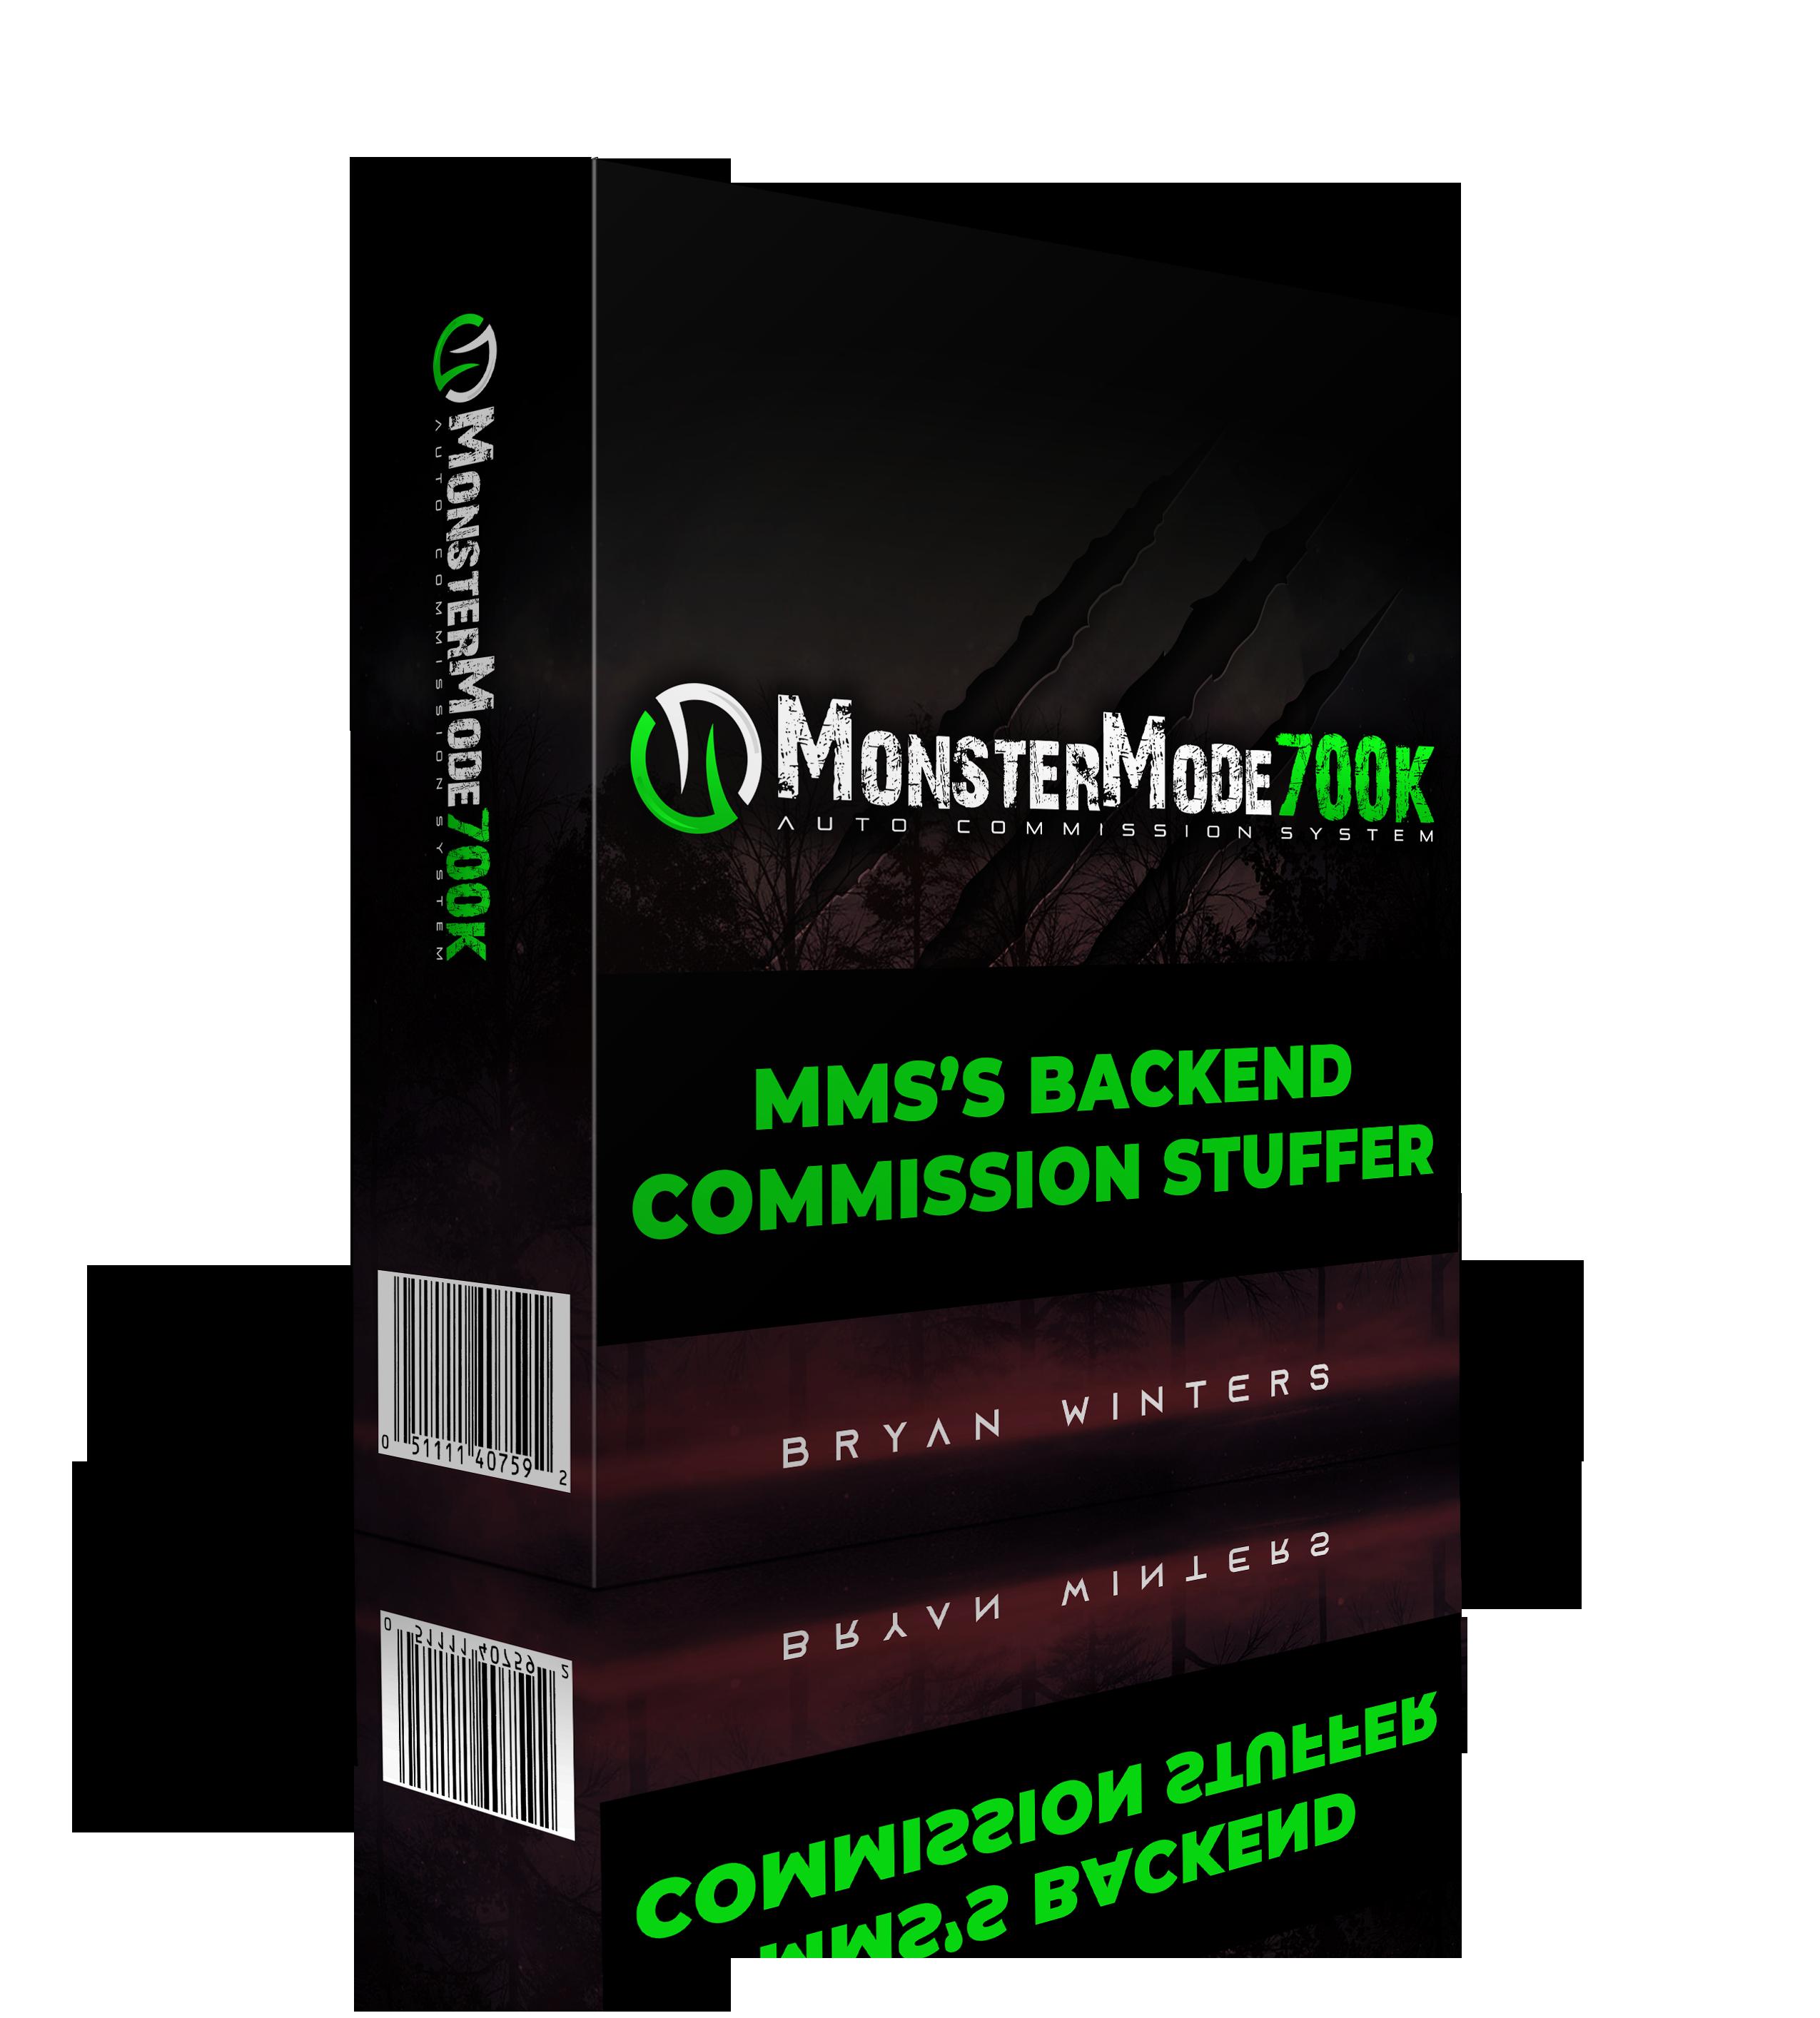 monstermode700koto4